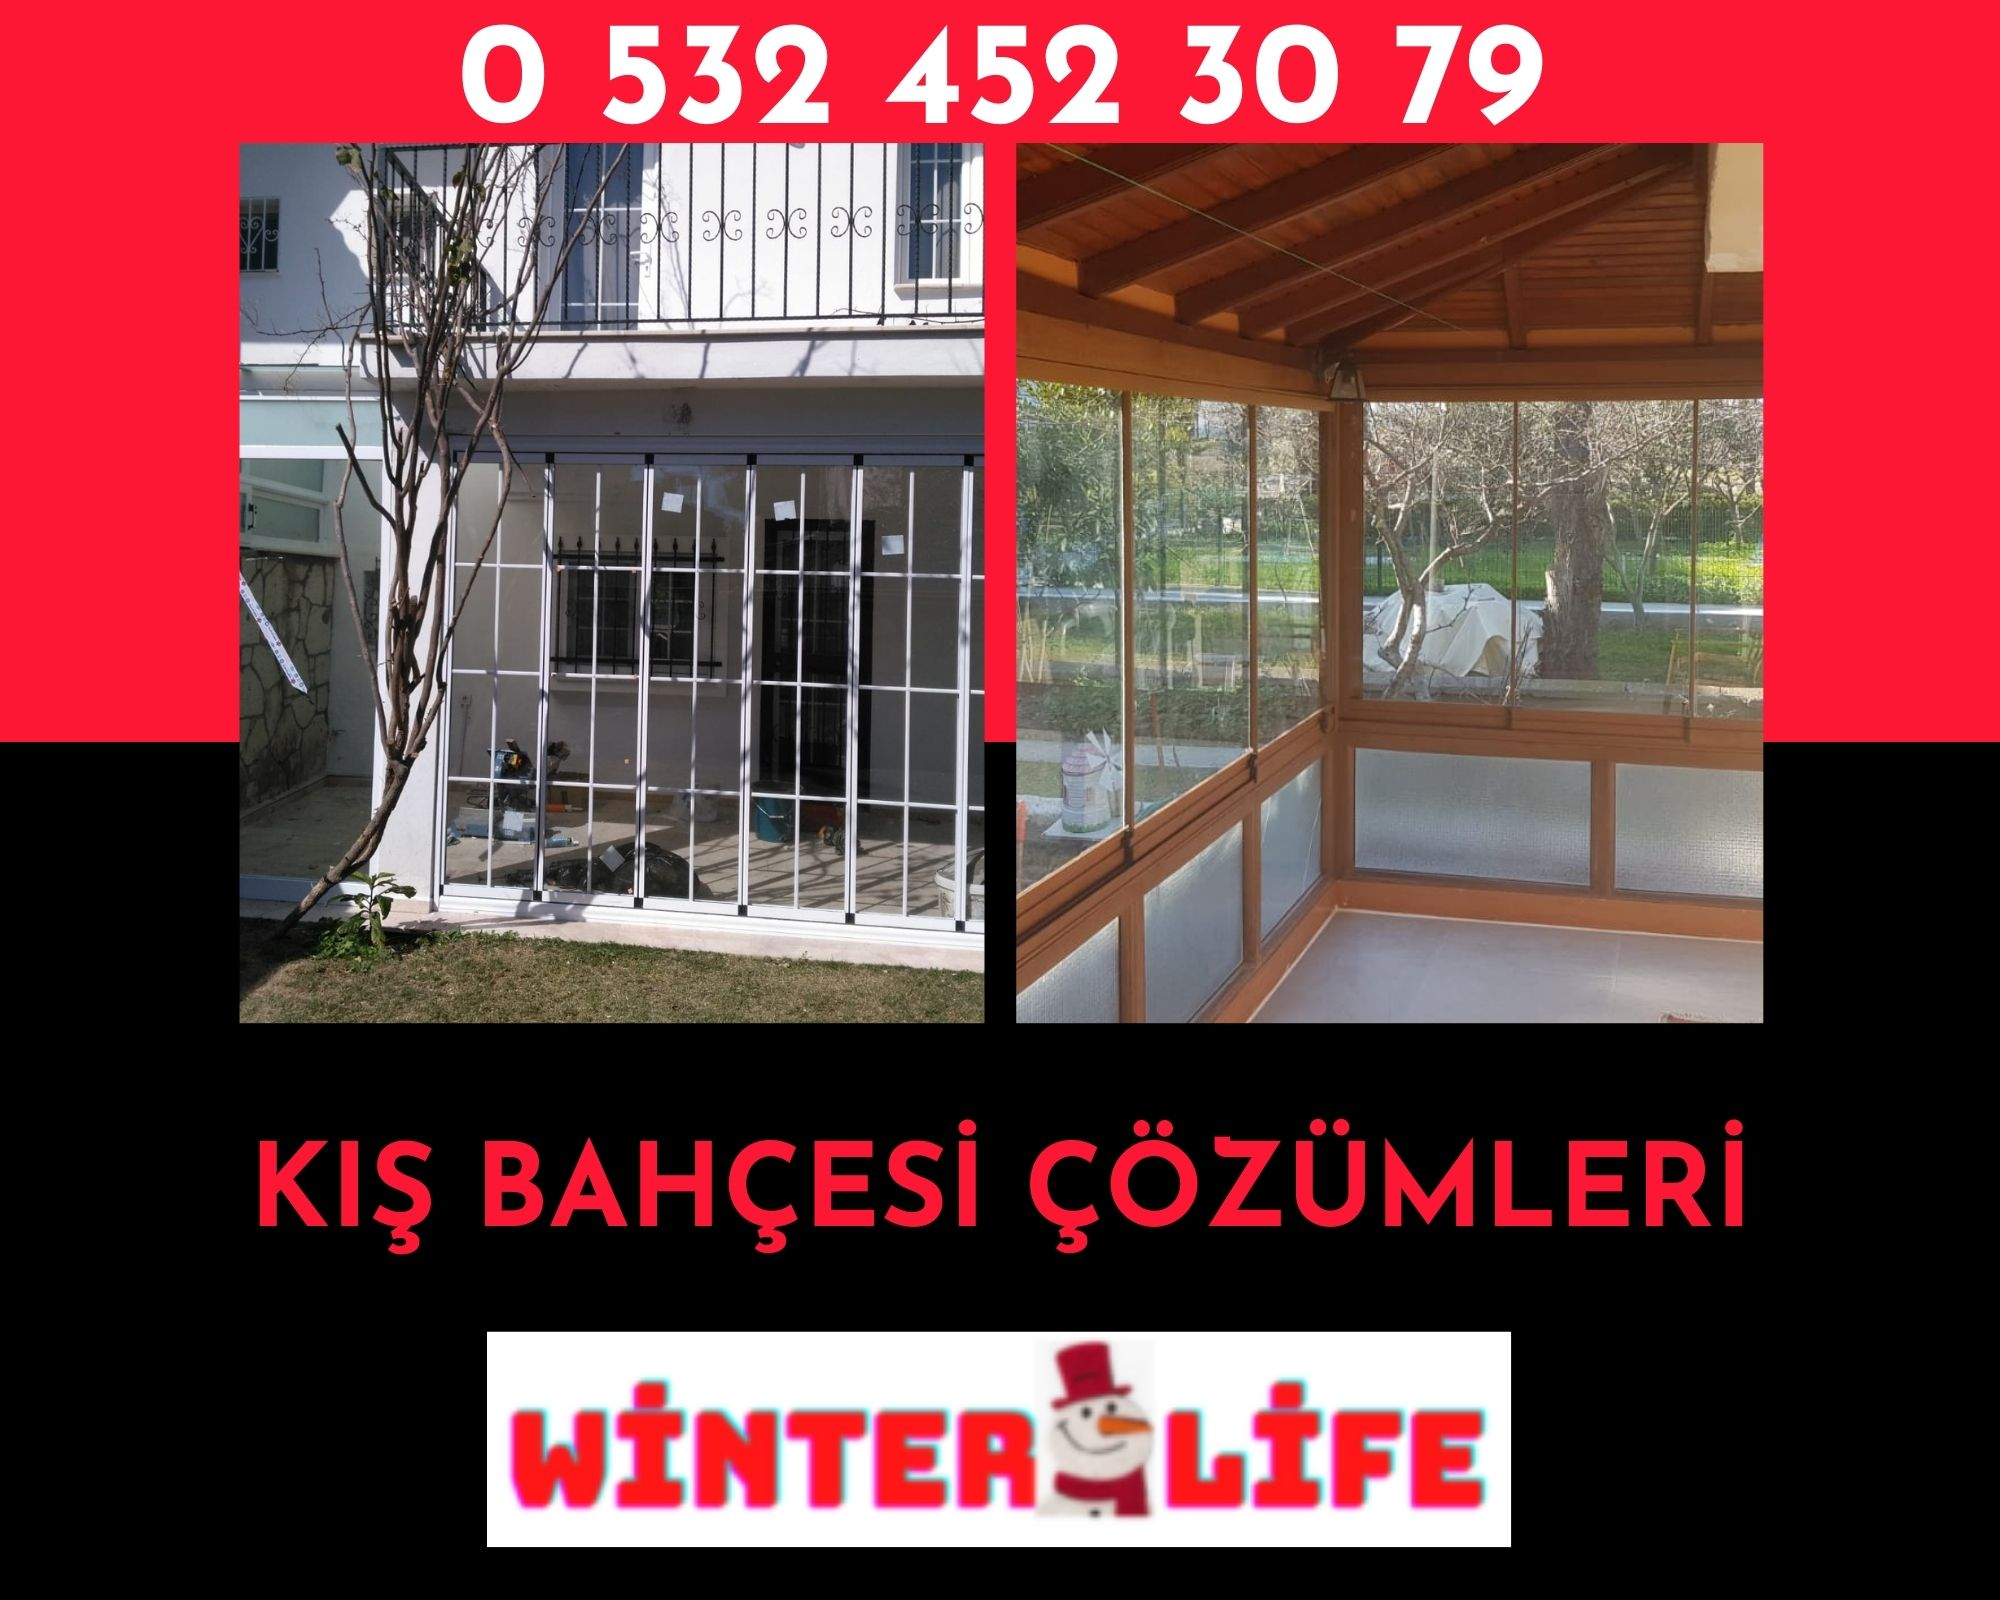 İzmir kış bahçesi sistemleri